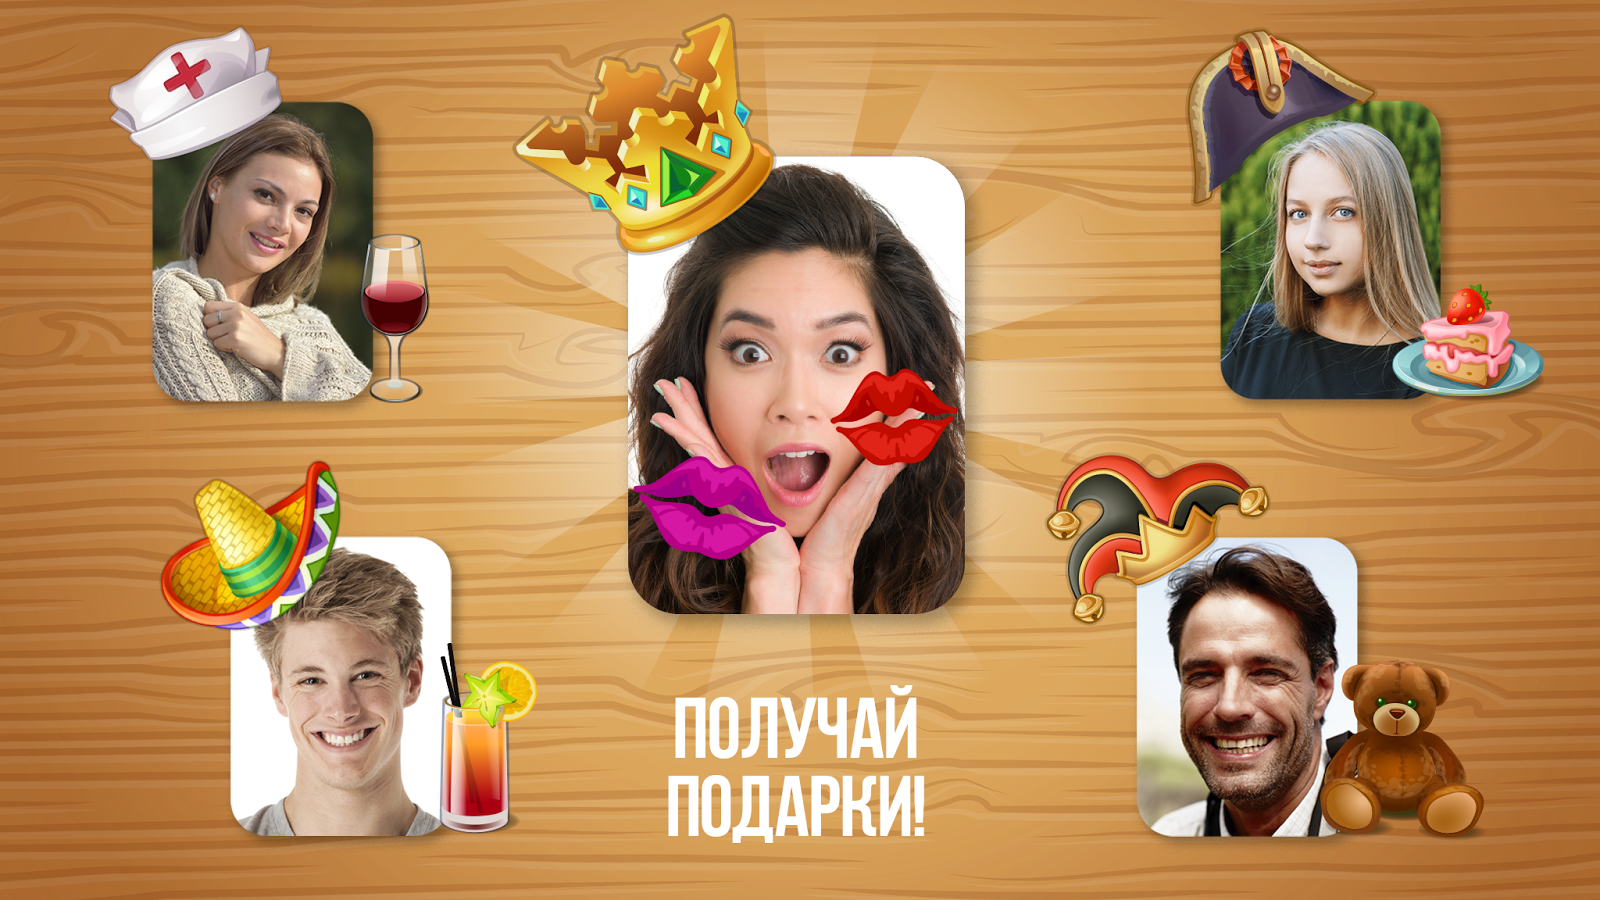 Игра Целуй и знакомься в Одноклассниках - играть 66